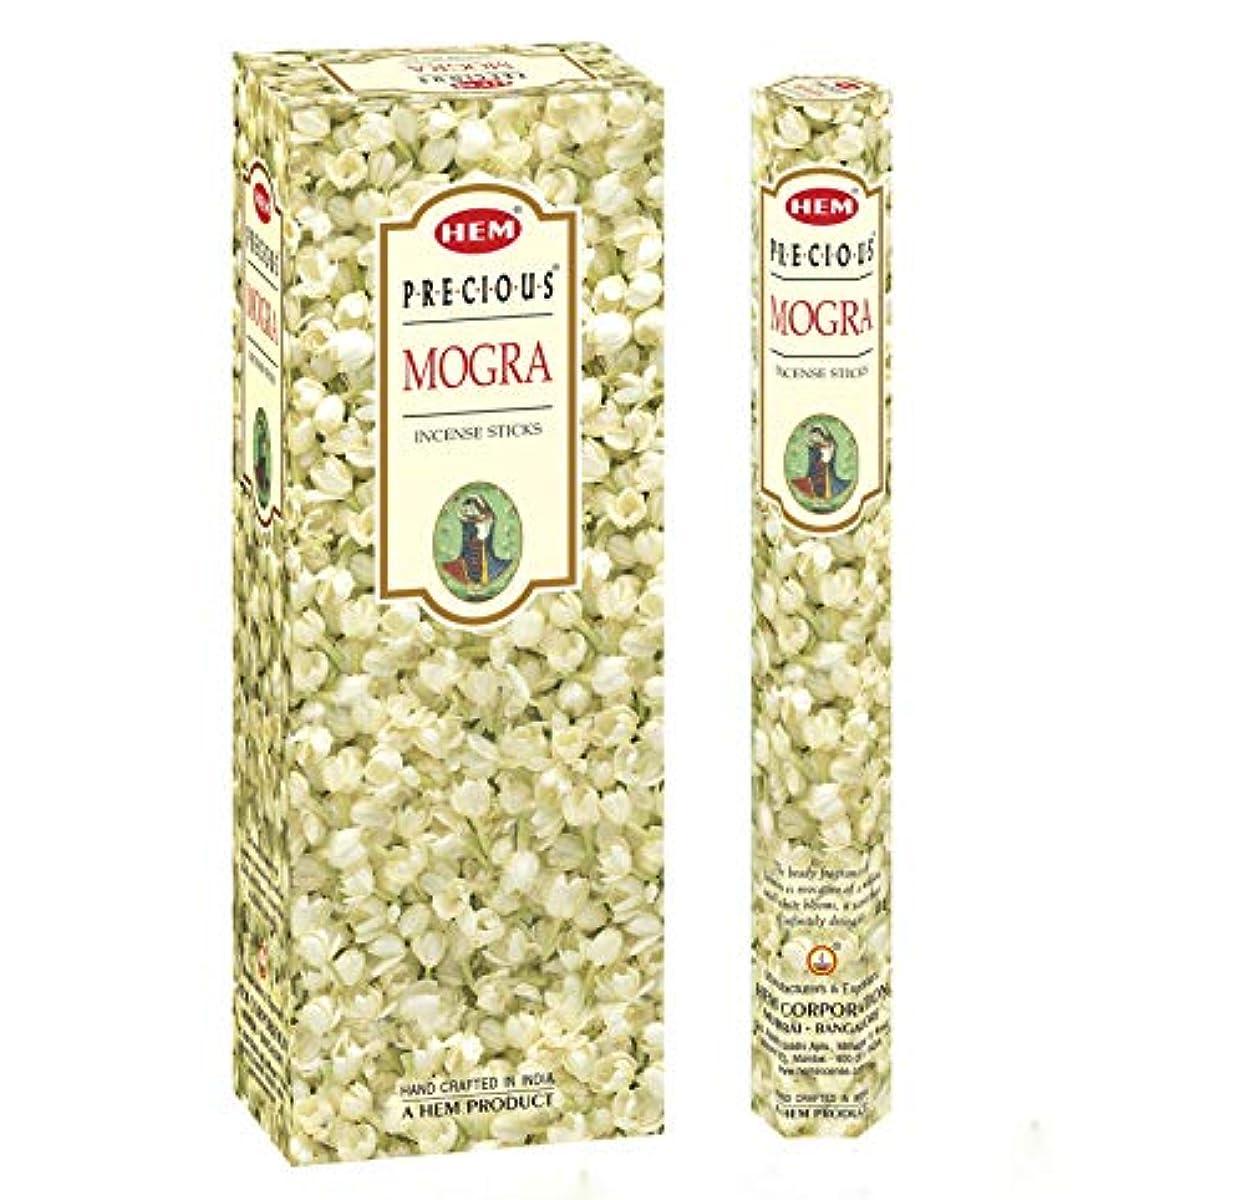 ニッケル悩む老人Precious Mogra – ボックスof 6つ20スティックチューブ、120 Sticks合計 – 裾Incense